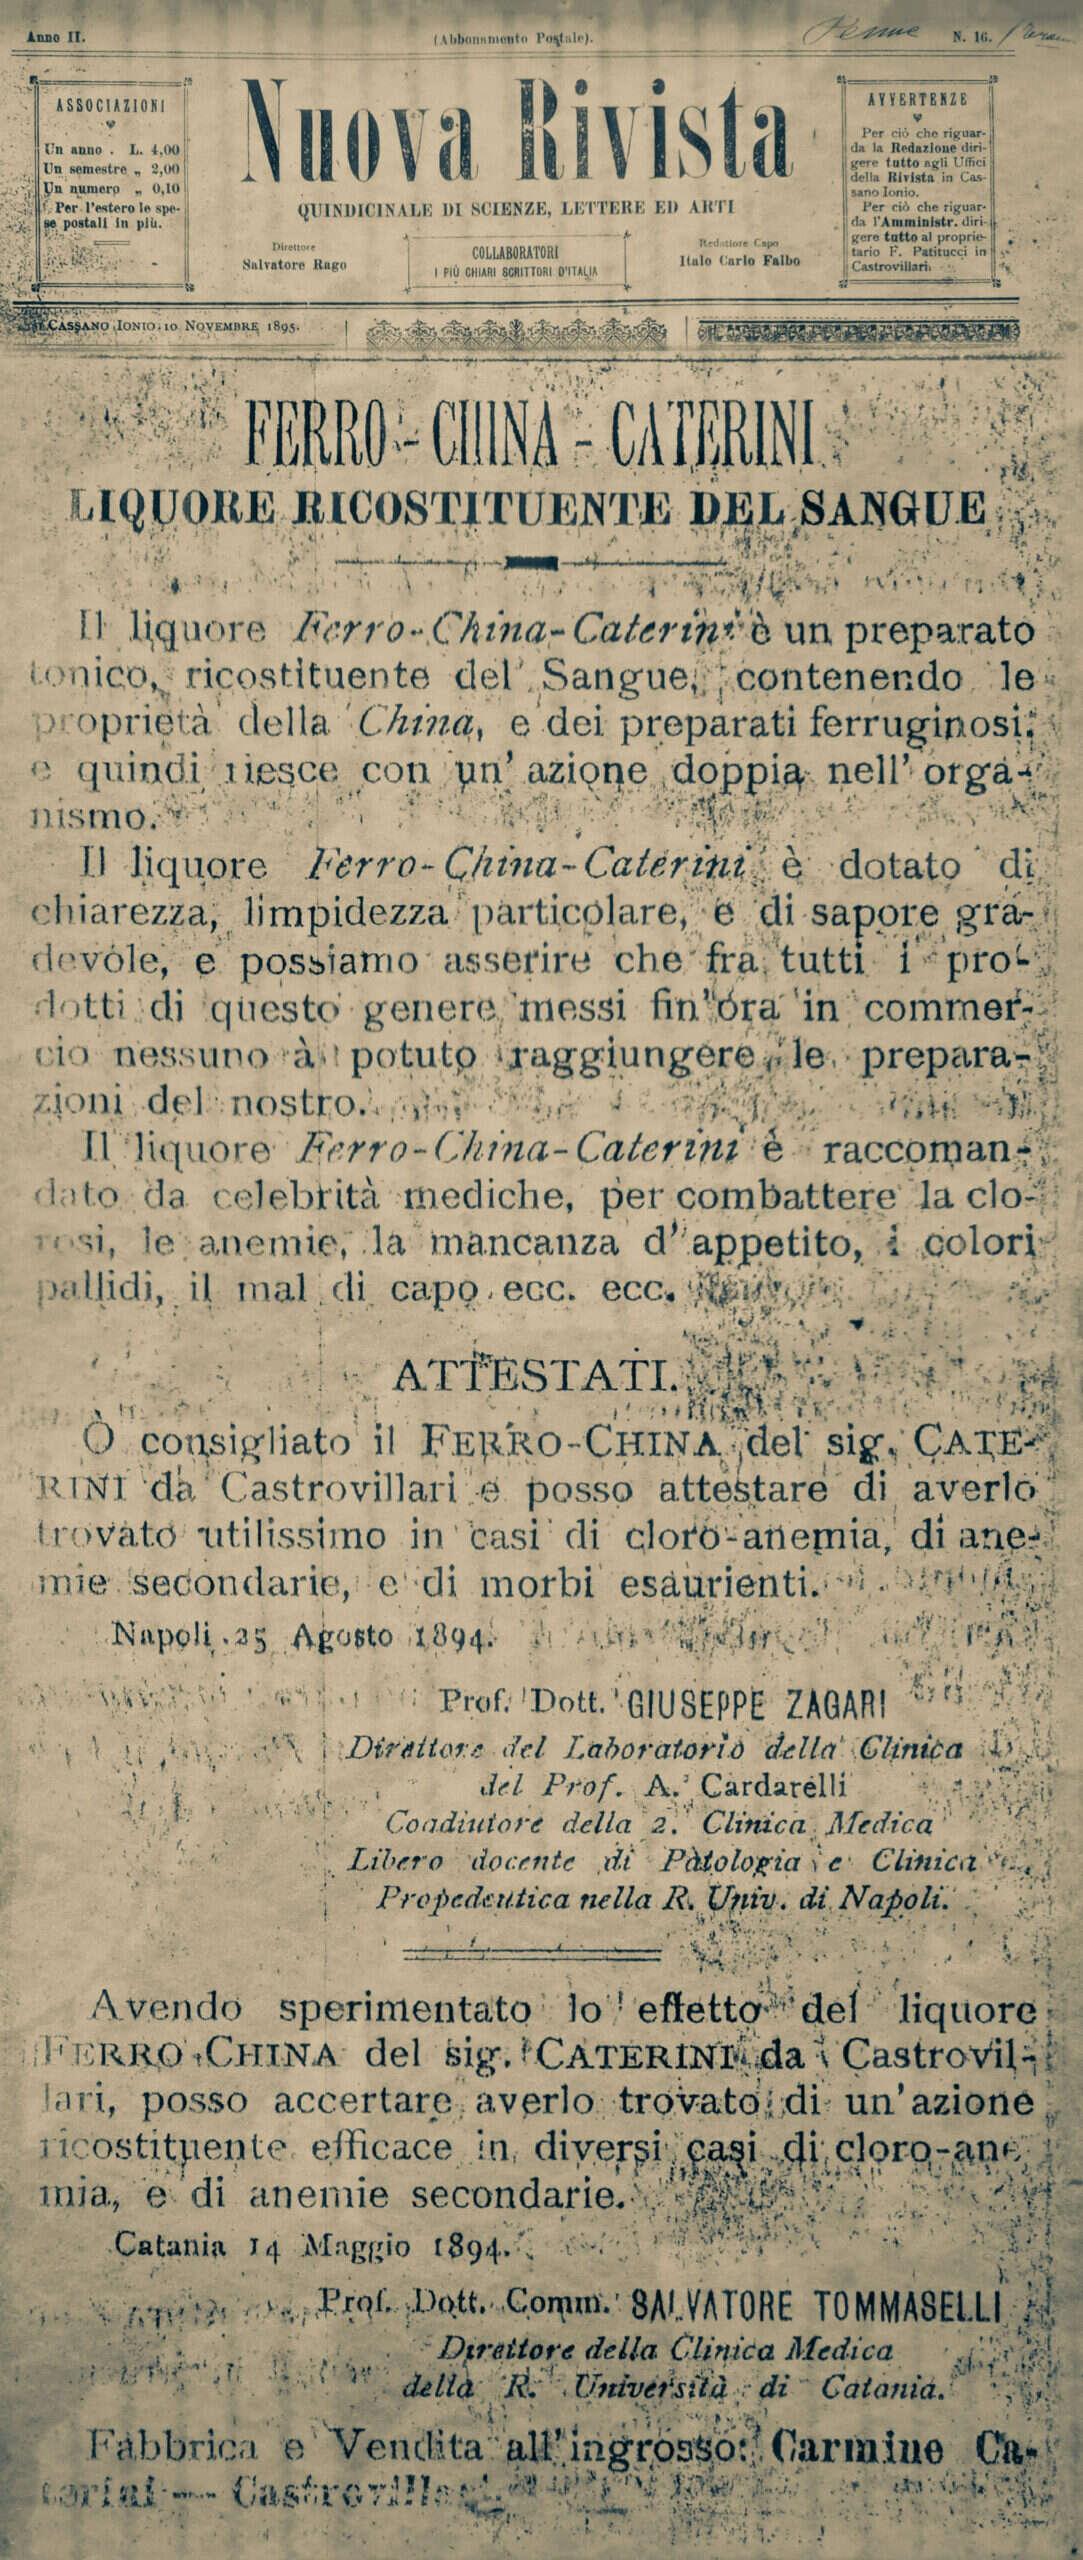 Ferrochina Caterini Nuova Rivista 1895 articolo